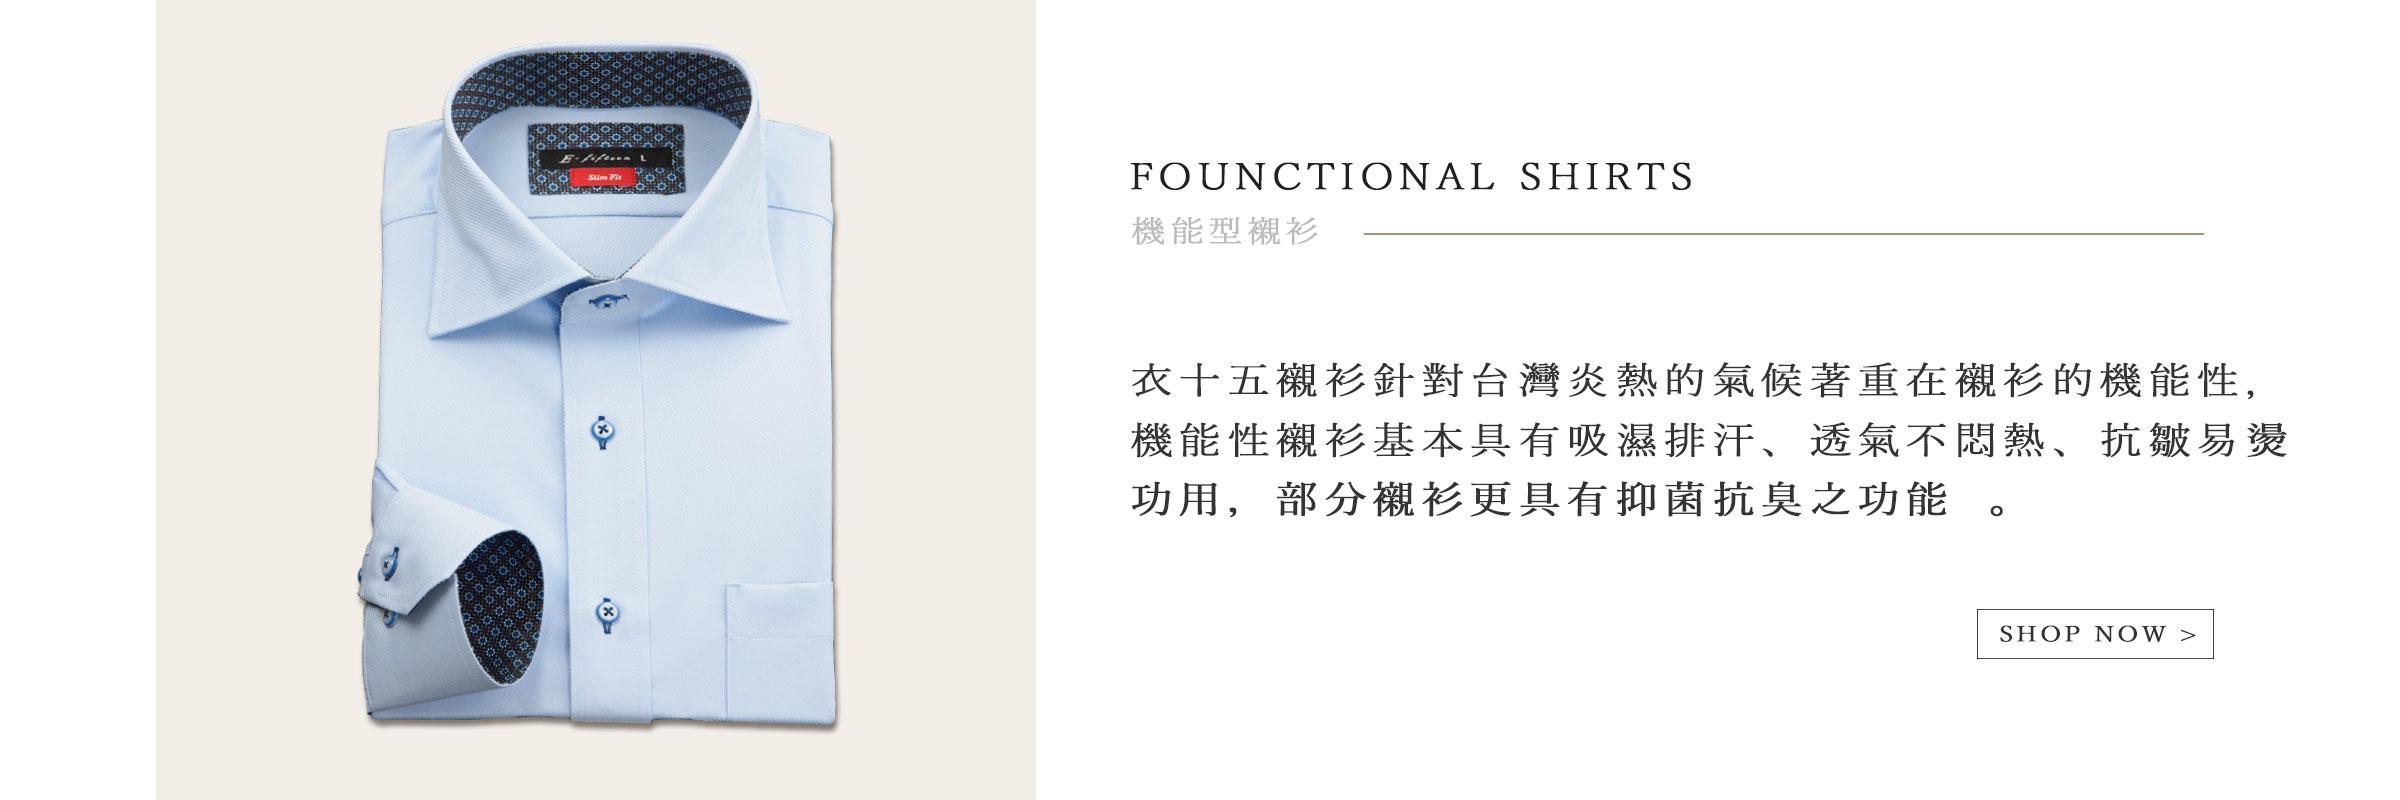 採用吸濕排汗布料製成的商務襯衫